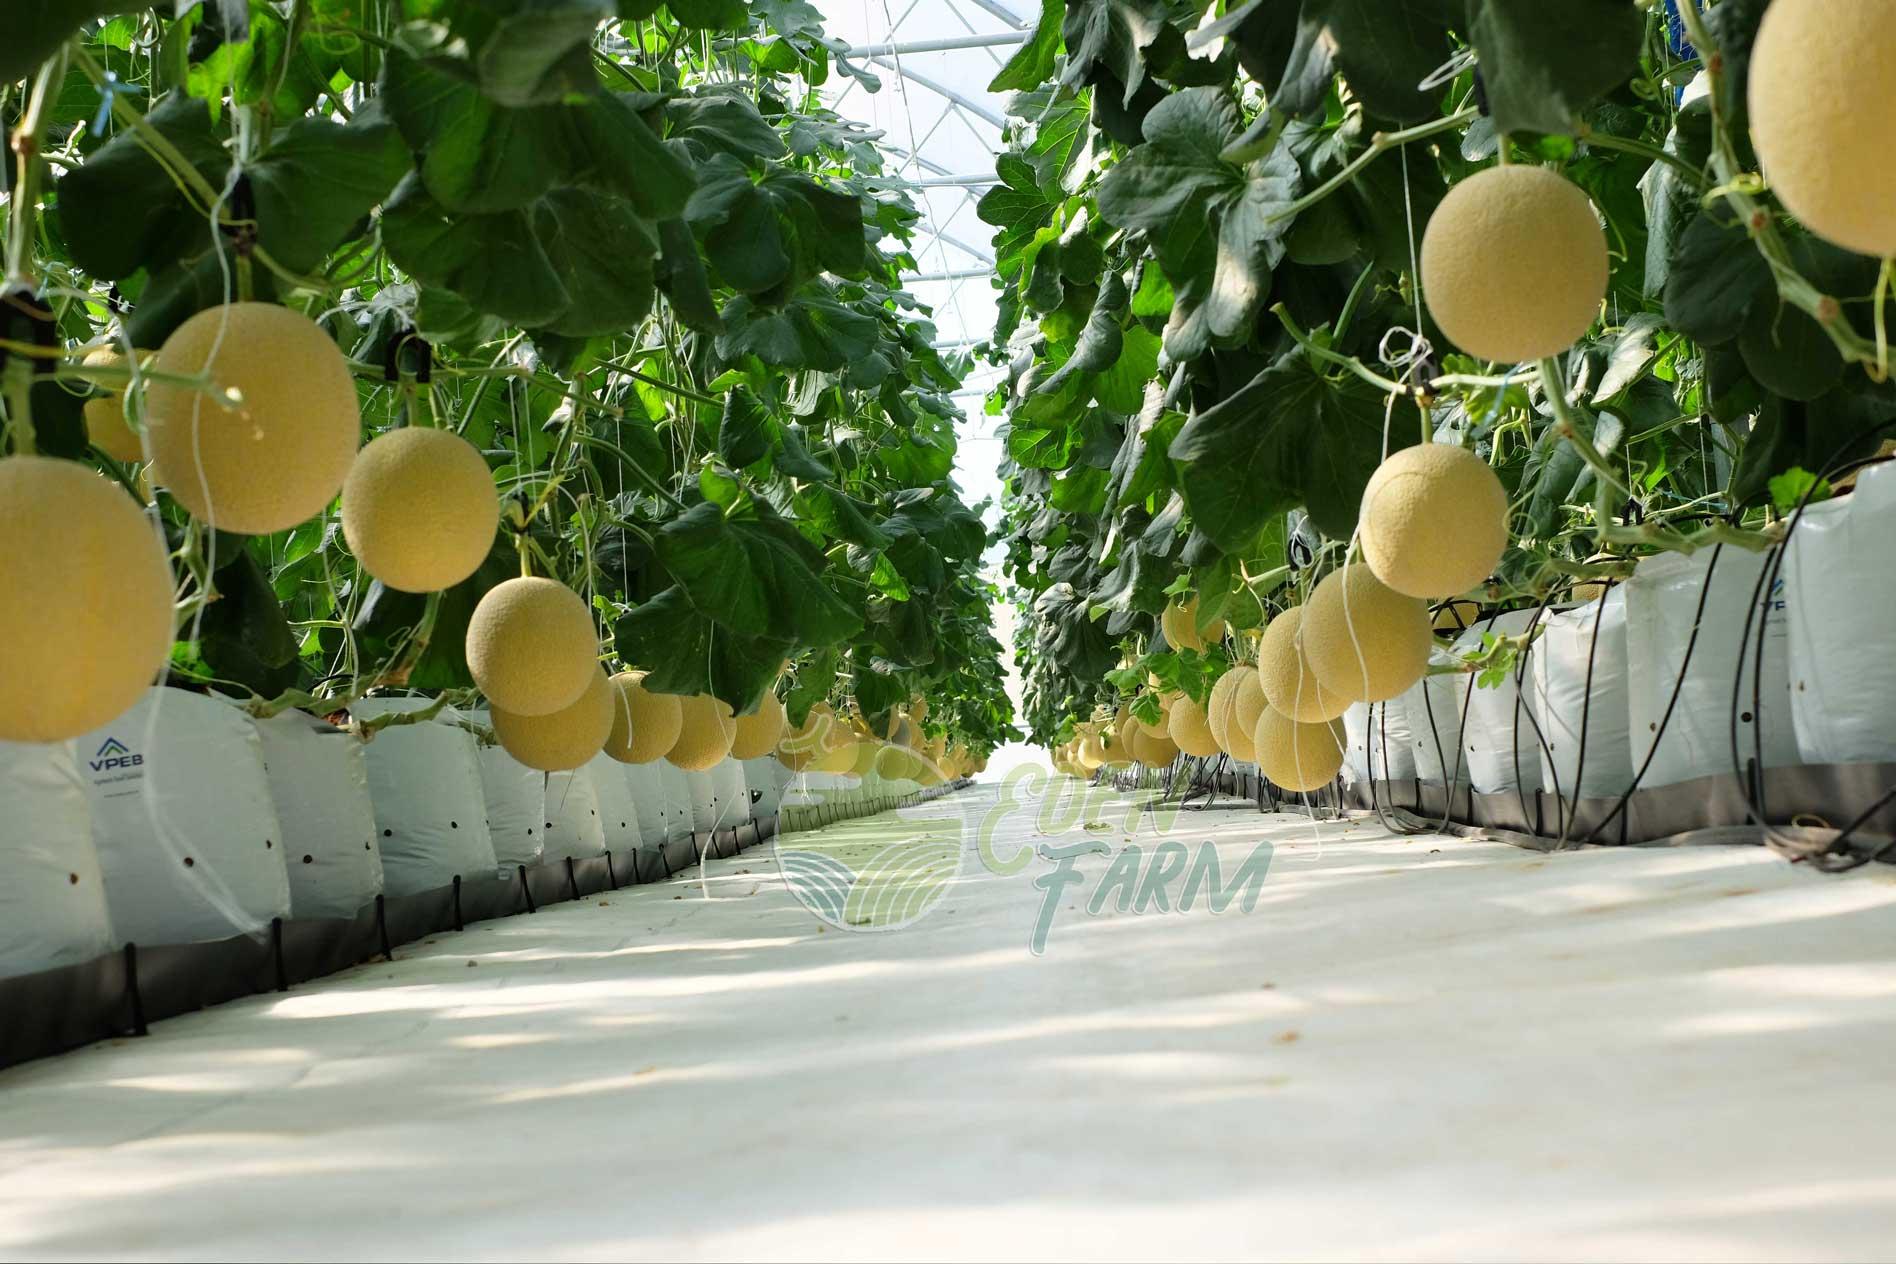 Trang trại trồng dưa lưới trong nha kính tại Bình Thuận